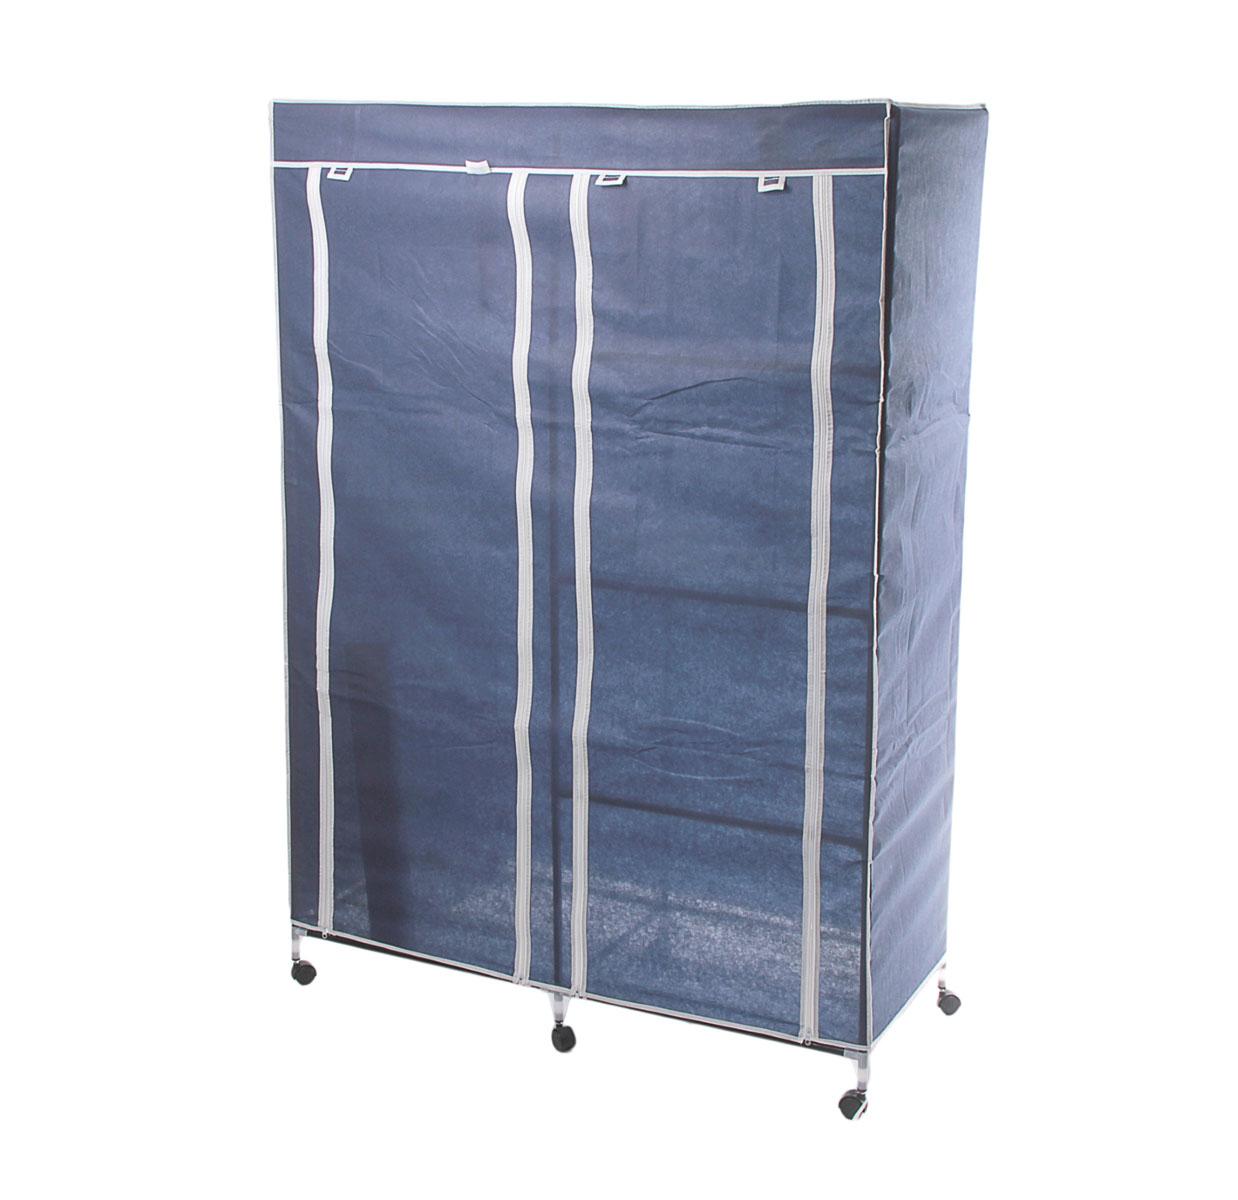 Мобильный шкаф для одежды Sima-land, цвет: синий, 120 см х 50 см х 175 см. 178923178923Мобильный шкаф для одежды Sima-land, предназначенный для хранения одежды и других вещей, это отличное решение проблемы, когда наблюдается явный дефицит места или есть временная необходимость. Складной тканевый шкаф - это мобильная конструкция, состоящая из сборного металлического каркаса, на который натянут чехол из нетканого полотна. Корпус шкафа сделан из легкой, но прочной стали, а обивка из полиэстера, который можно легко стирать в стиральной машинке. Шкаф оснащен двумя отделами с текстильными дверями, которые закрываются на застежки-молнии. Чтобы открыть шкаф вы можете скрутить двери и зафиксировать их наверху с помощью ремешков на липучках. В одном отделе присутствует перекладина для хранения вещей на вешалках, во втором отделе - 3 вместительные полки. Изделие снабжено колесиками для удобной транспортировки.